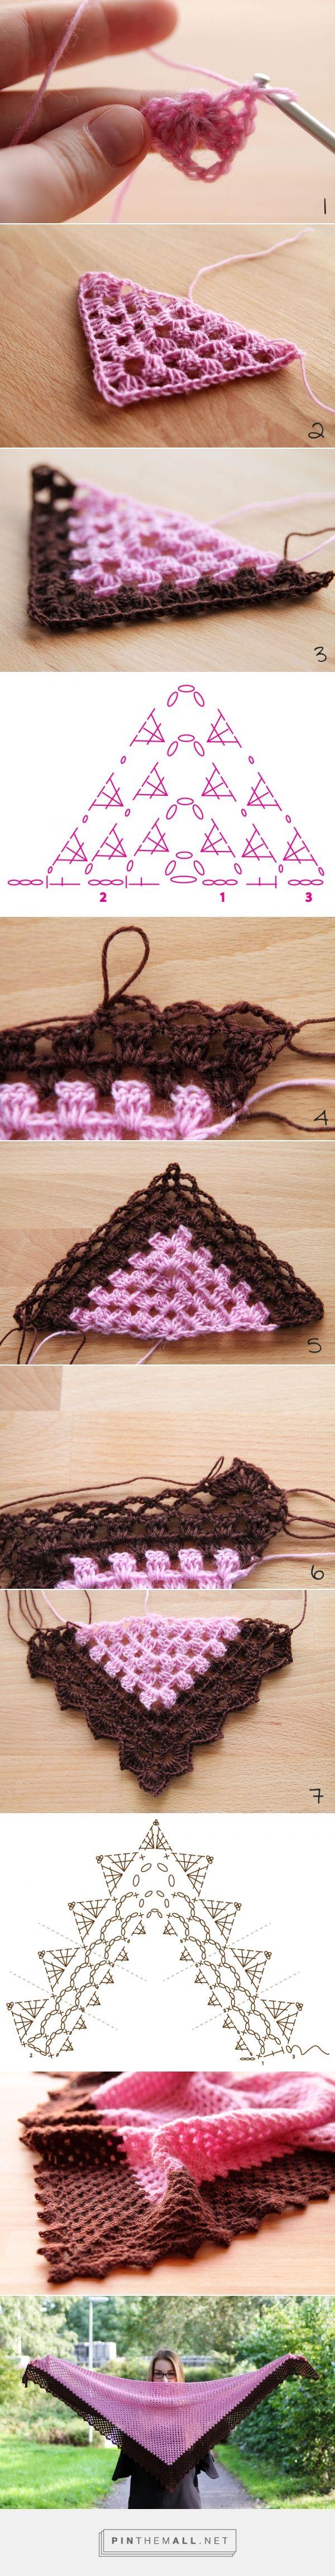 Pin von Shirla Ghadaki auf Crochet | Pinterest | Weinlese, Schals ...